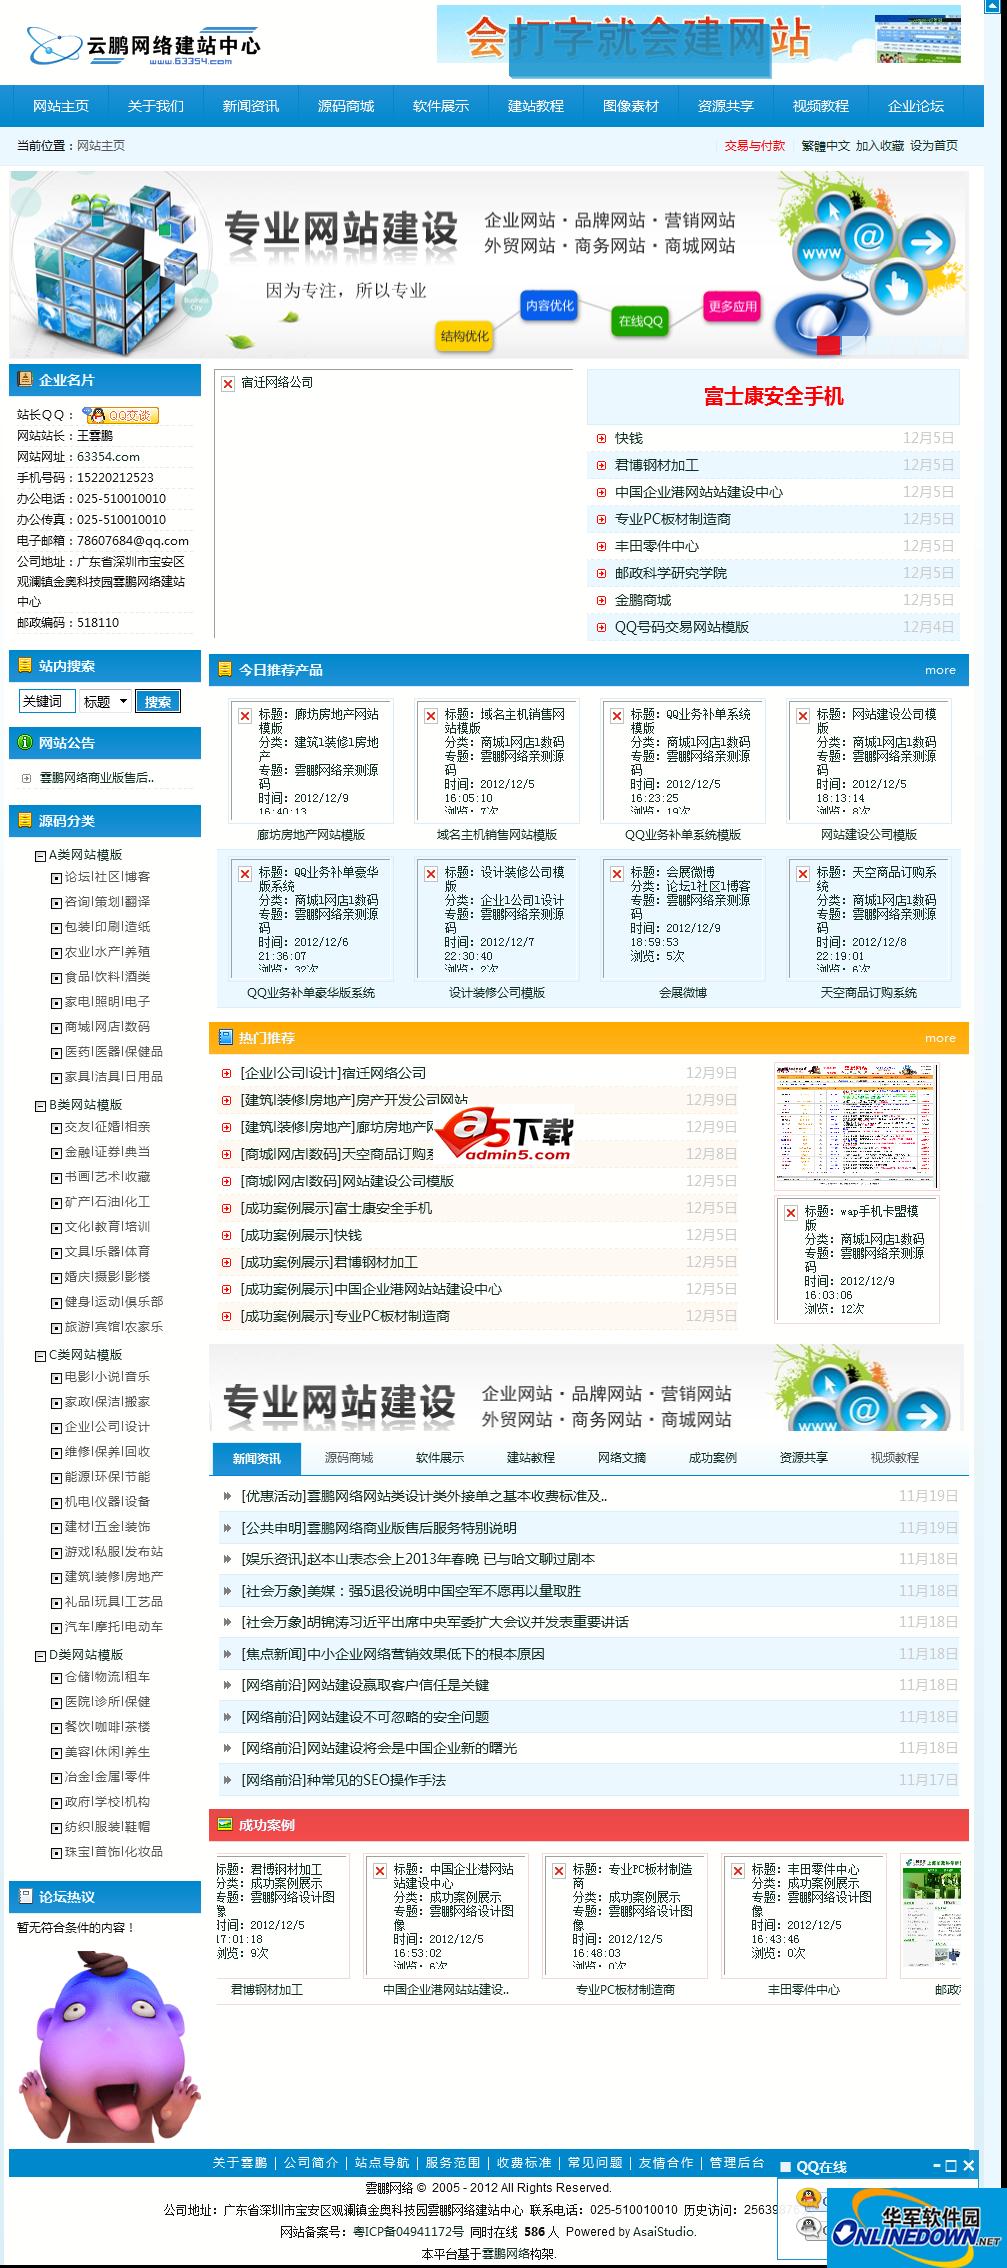 雲鹏网络公司建站模版源码 PC版